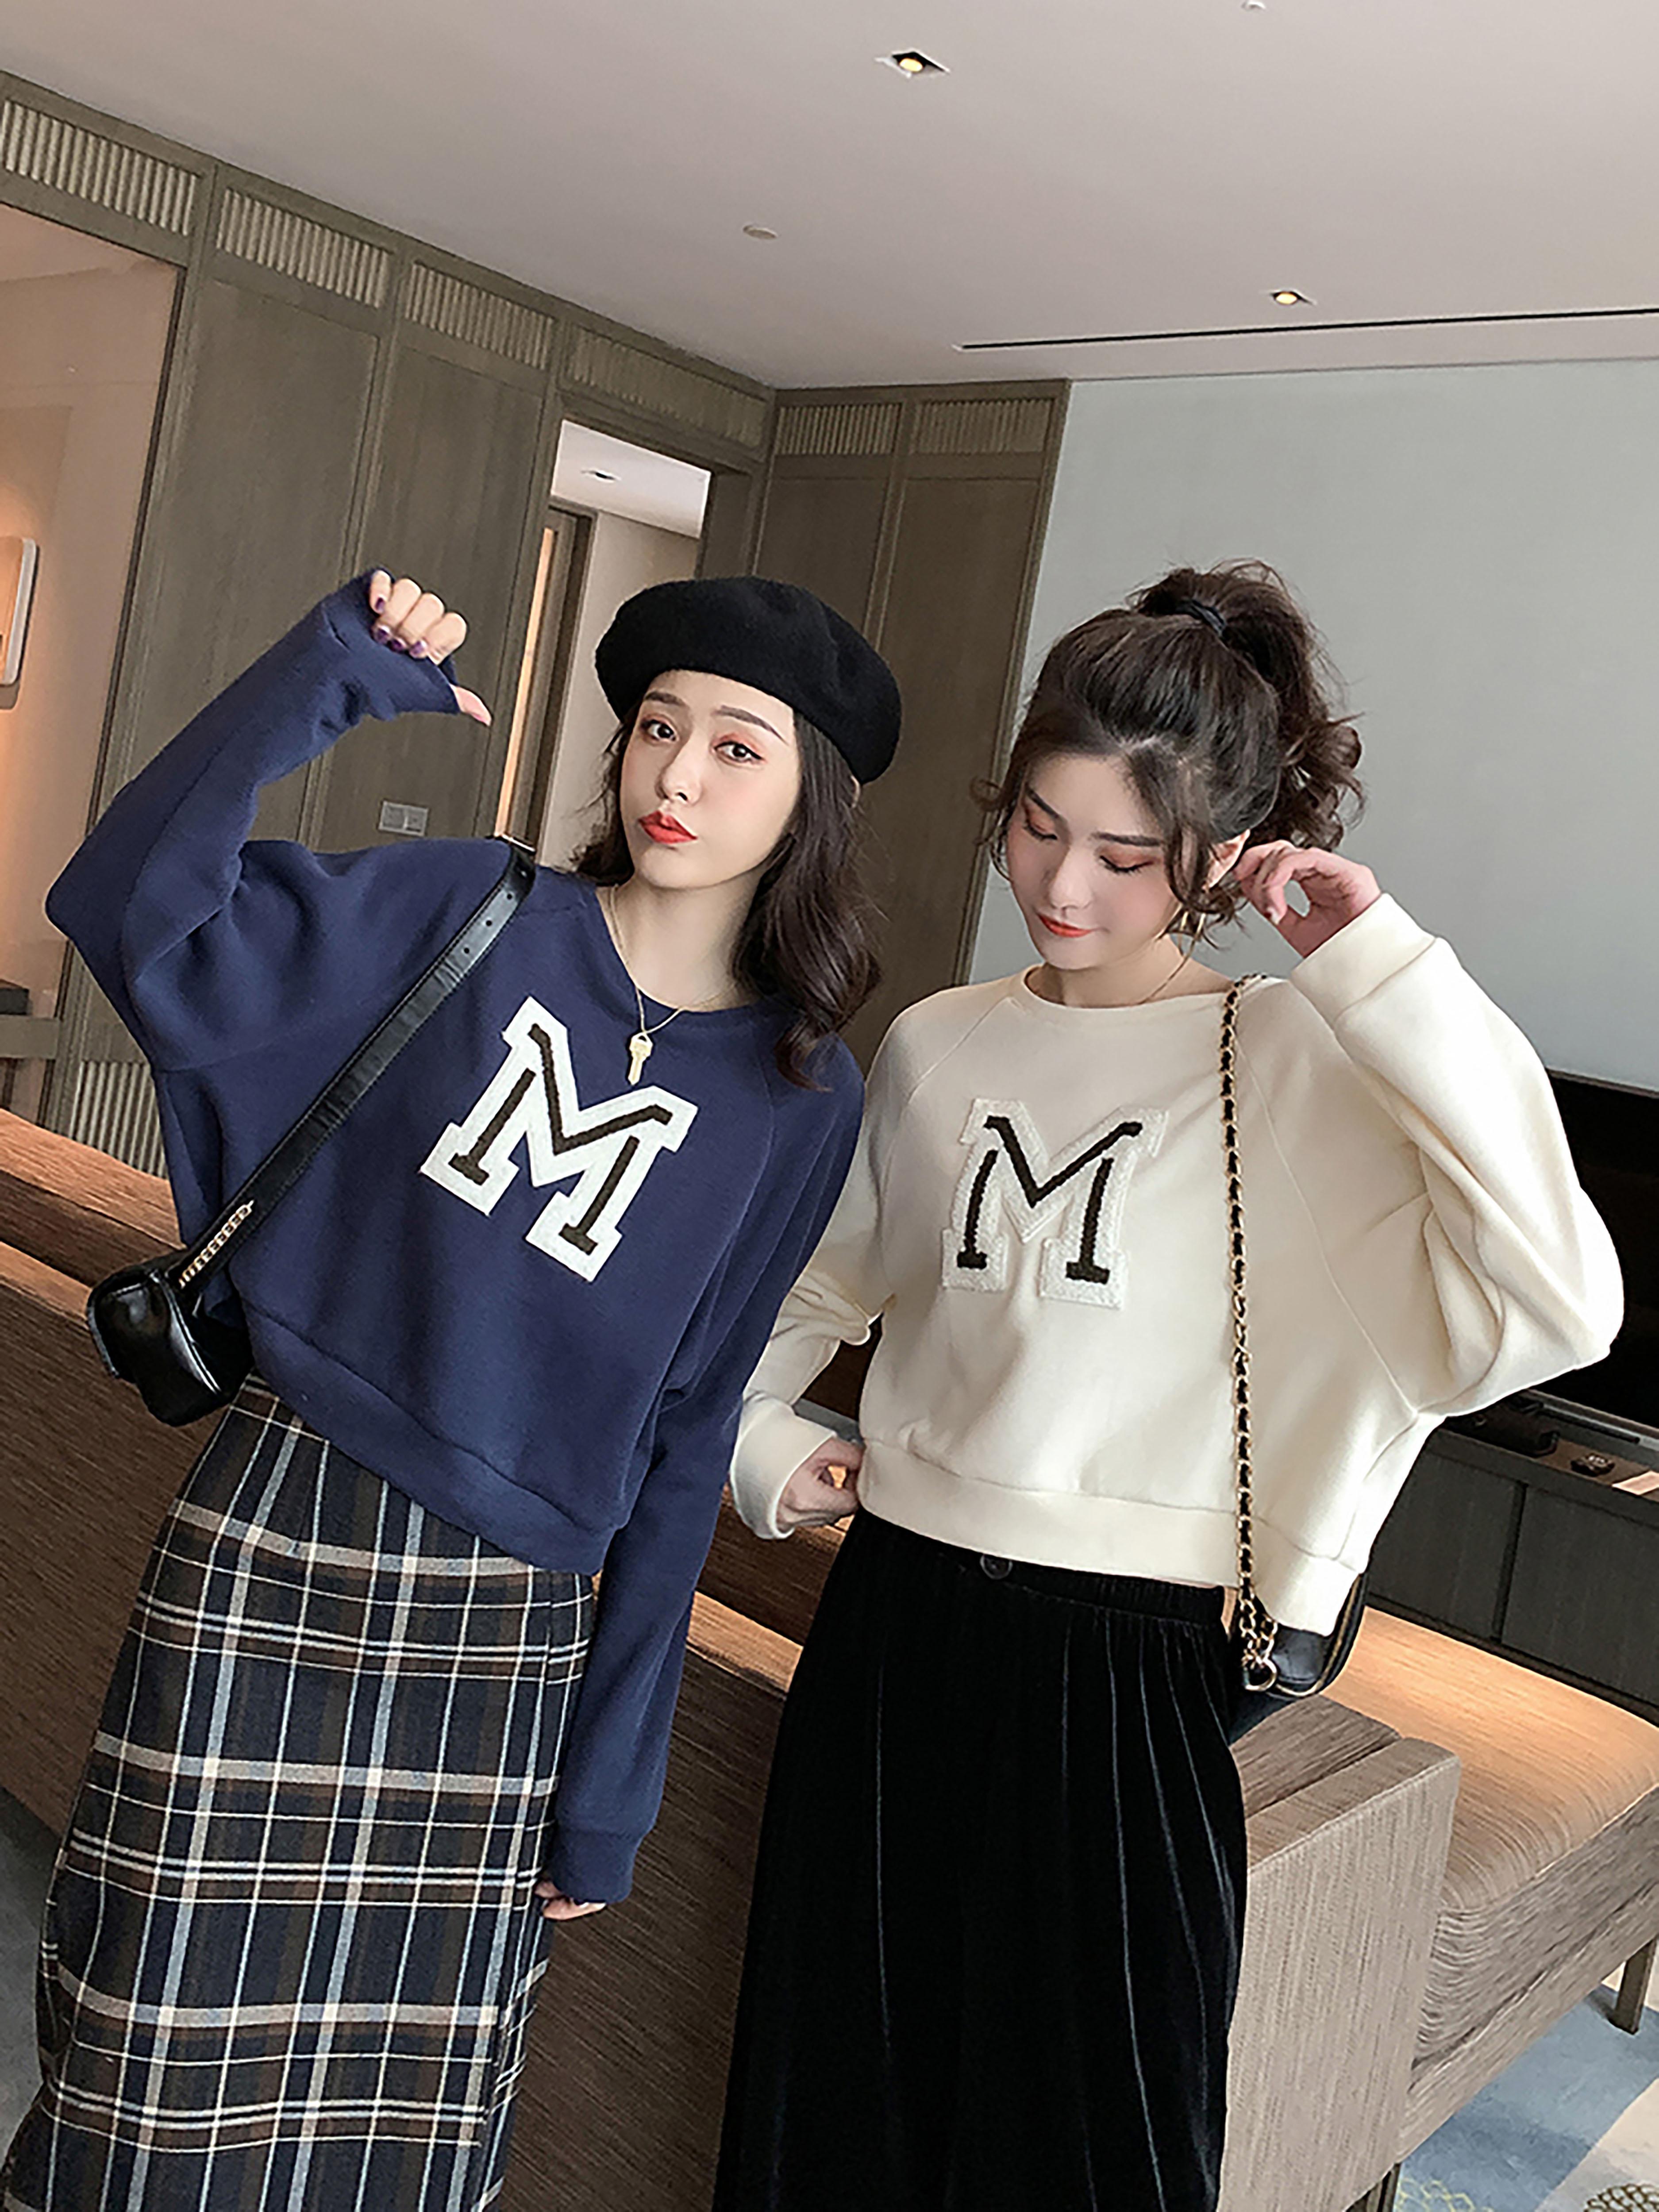 秋季新款韩版休闲M字母无帽卫衣女短款宽松显瘦圆领套头长袖外套